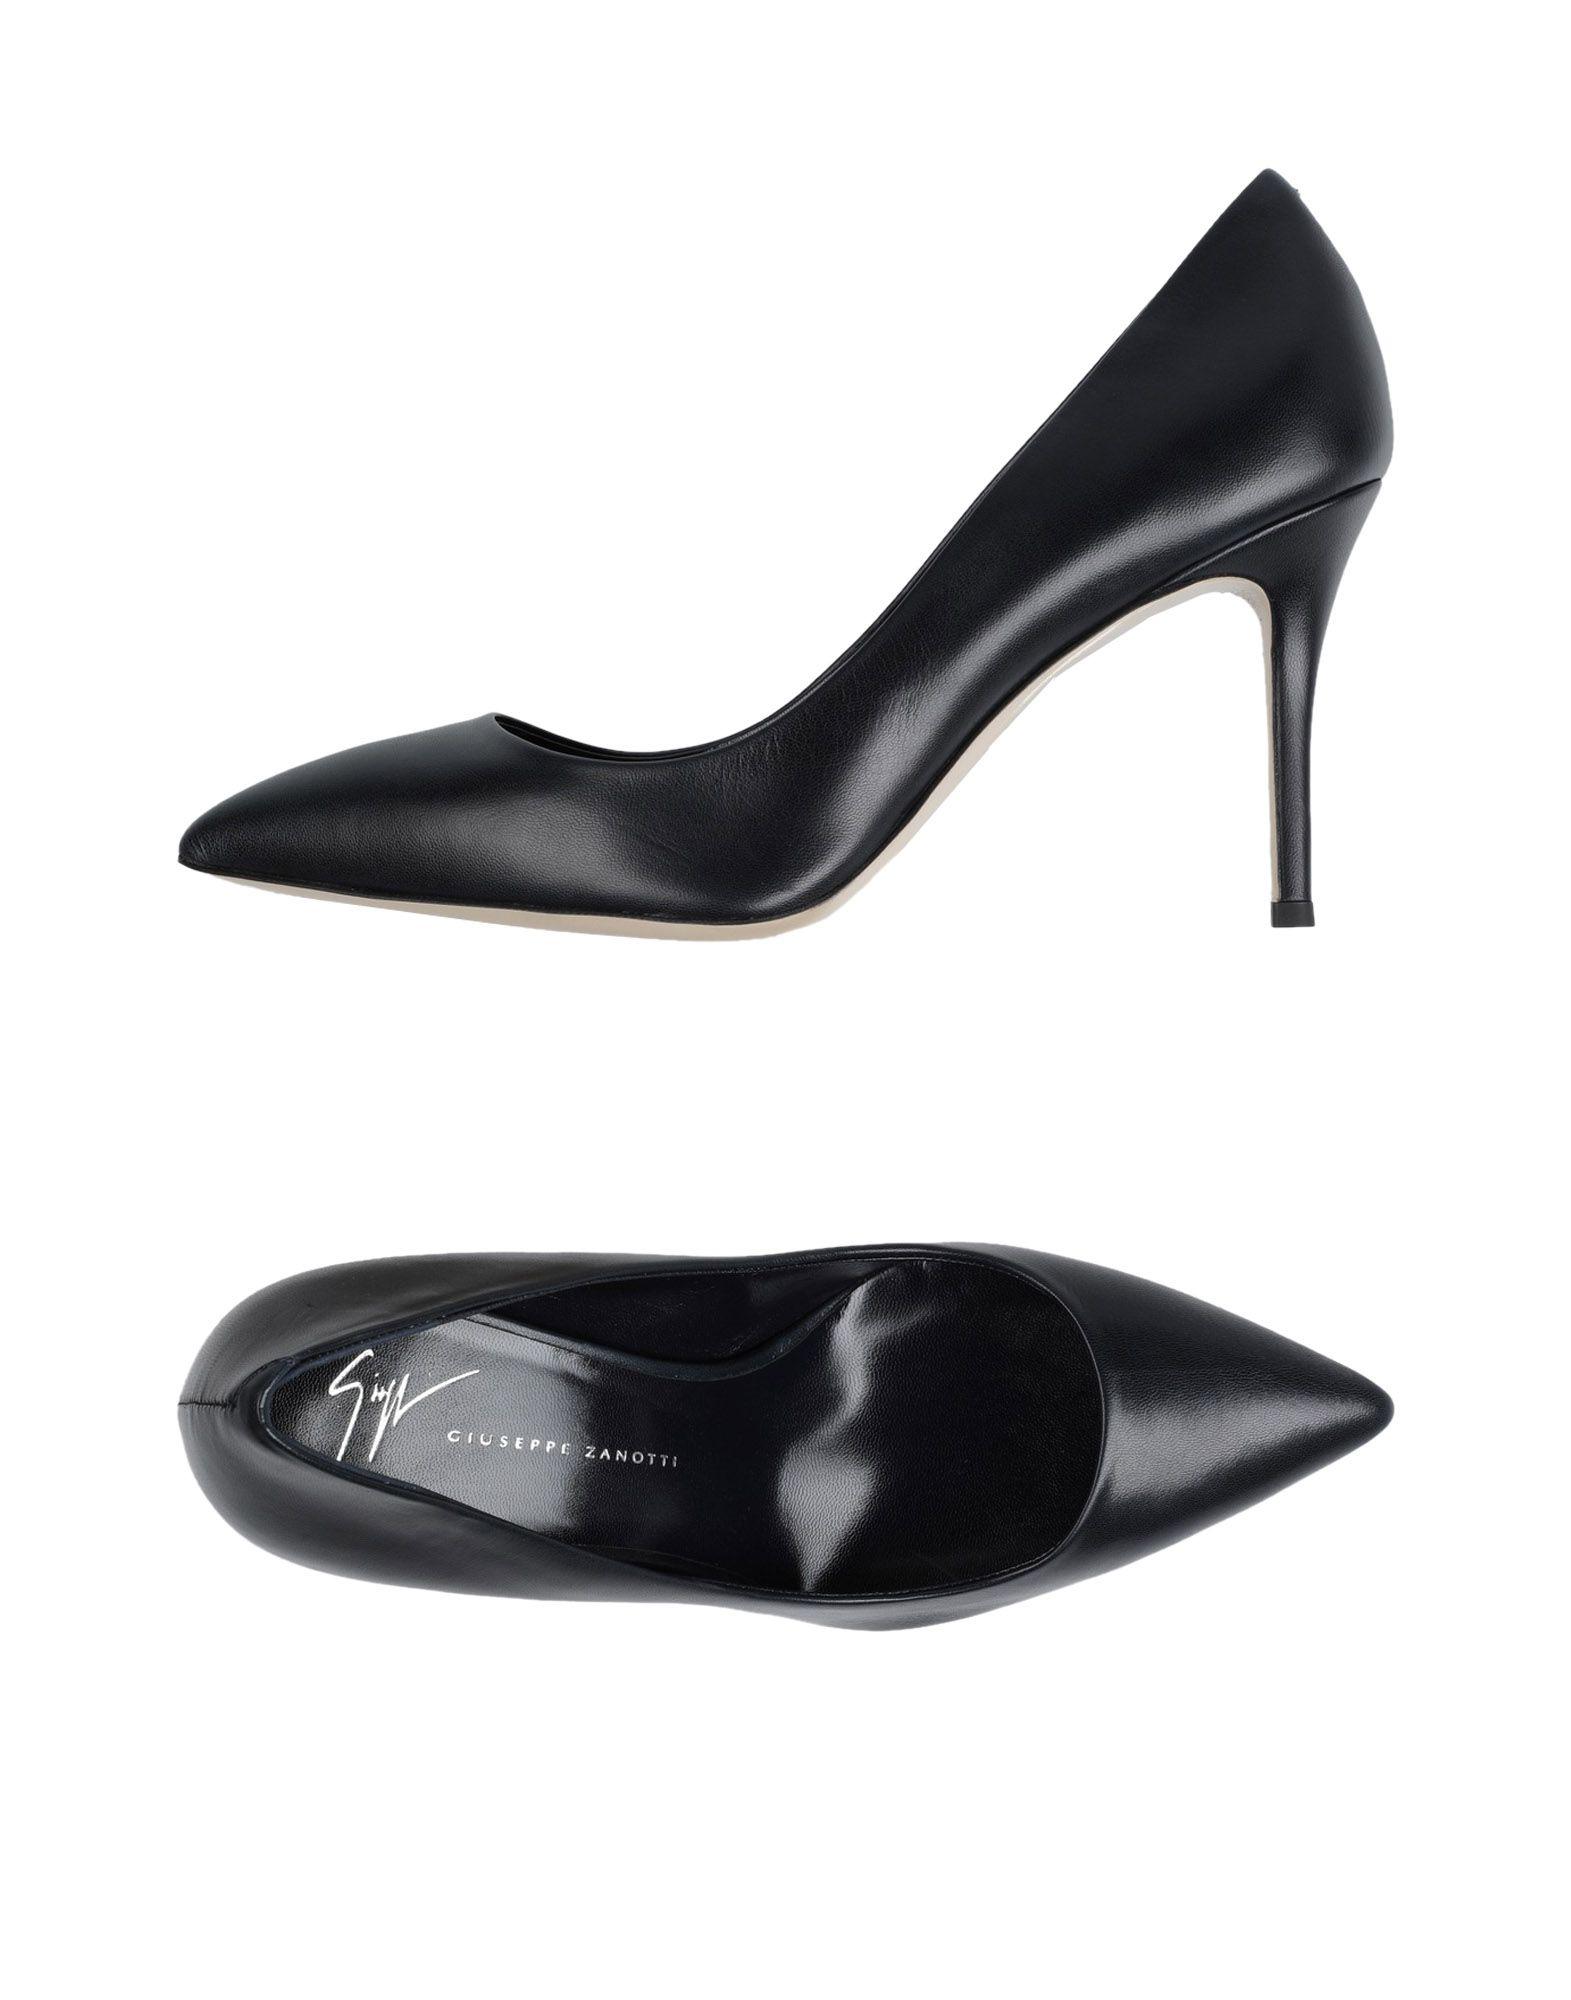 Rabatt Damen Schuhe Giuseppe Zanotti Pumps Damen Rabatt  11544717SK 171c52